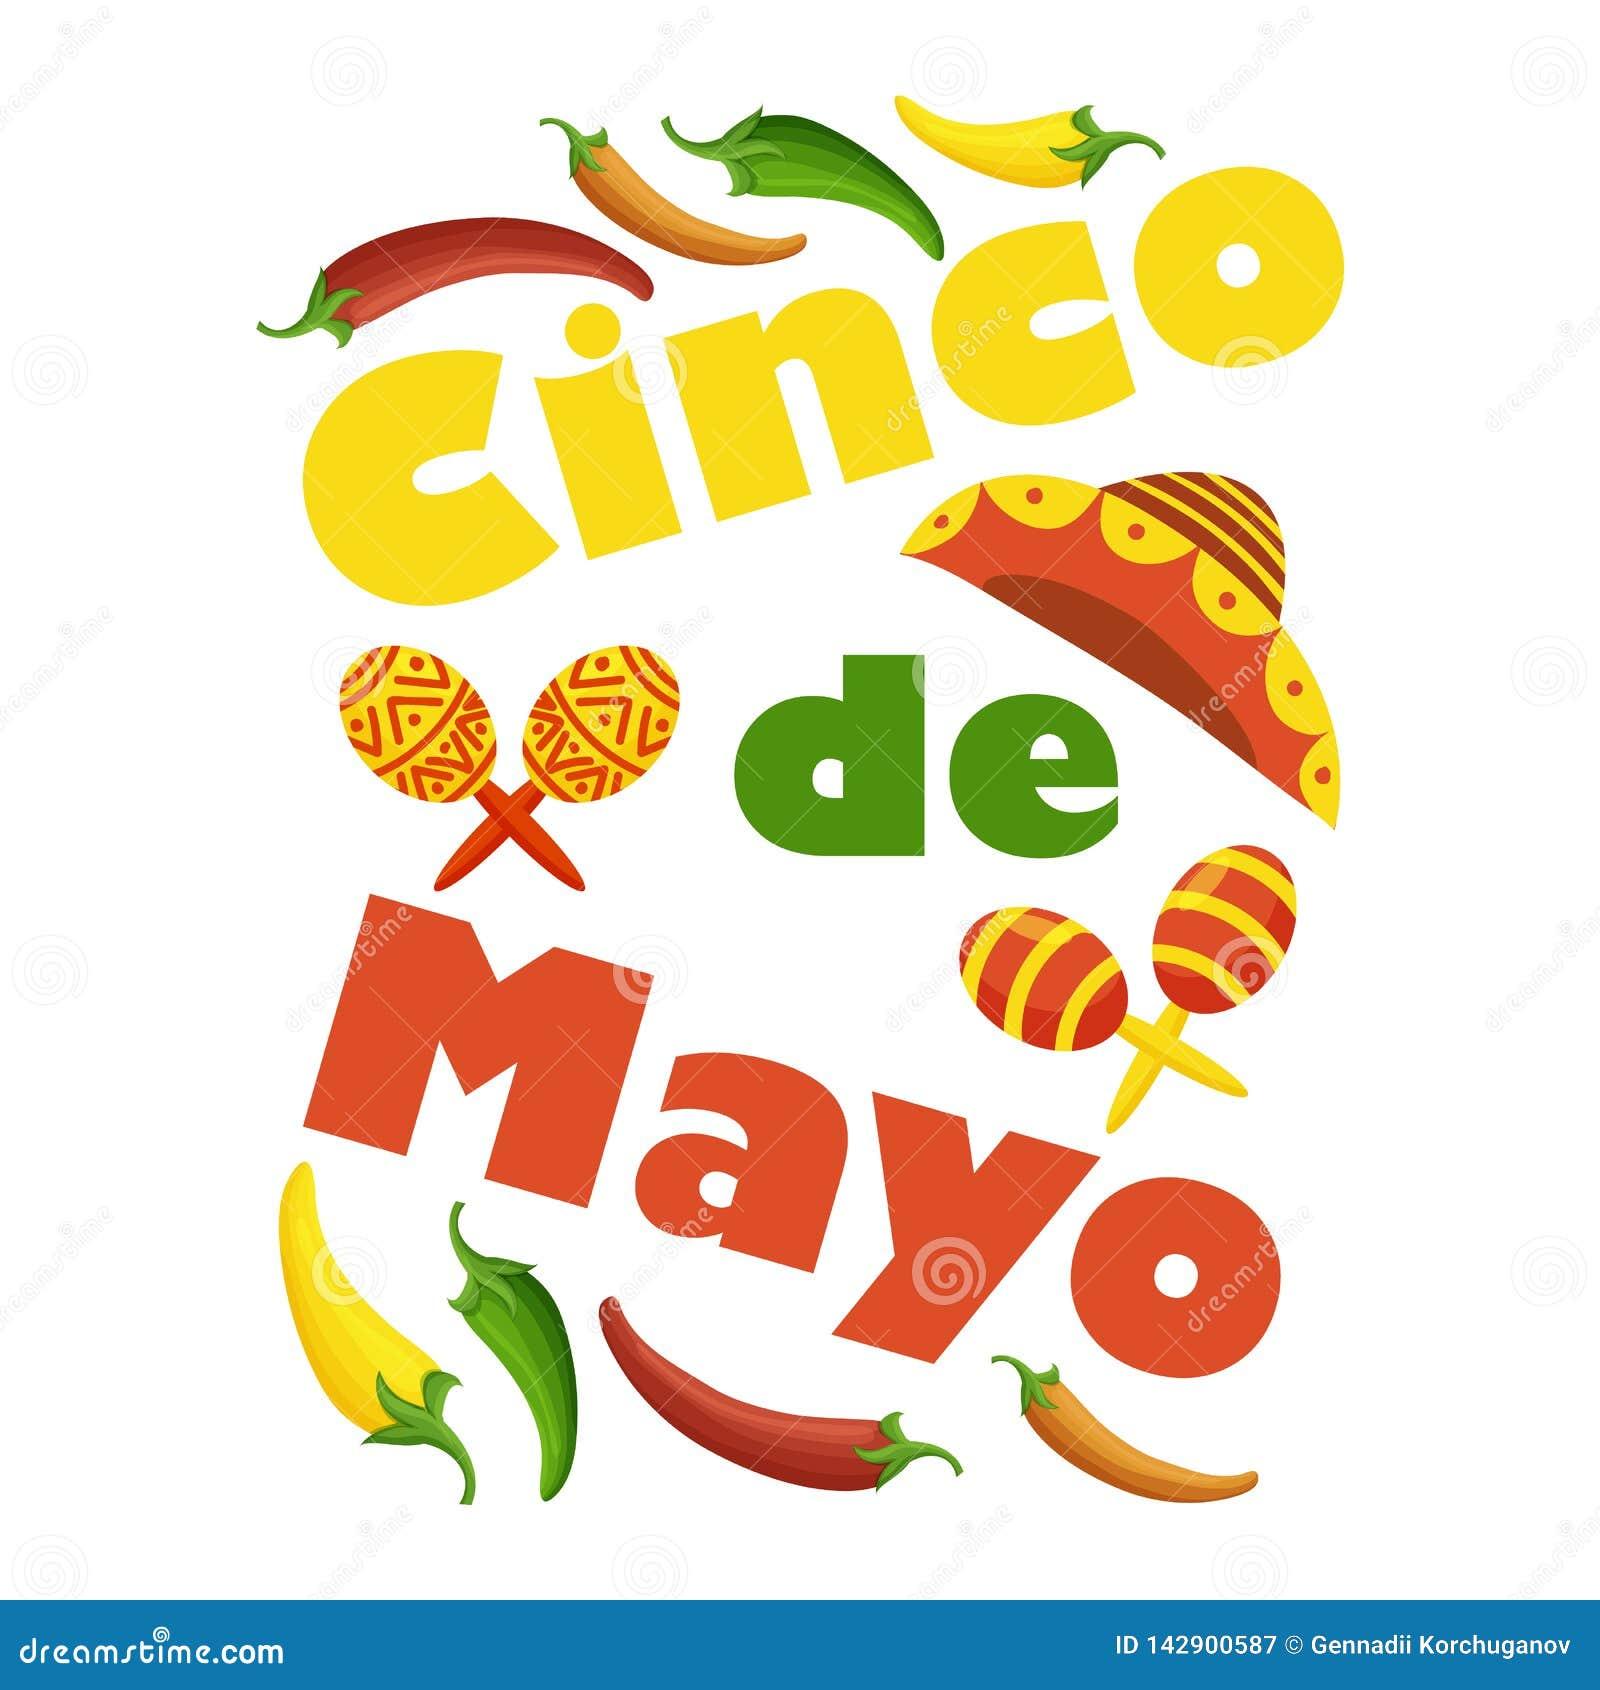 Cinco de Mayo kolorowy świąteczny tło z przedmiotami i symbolami